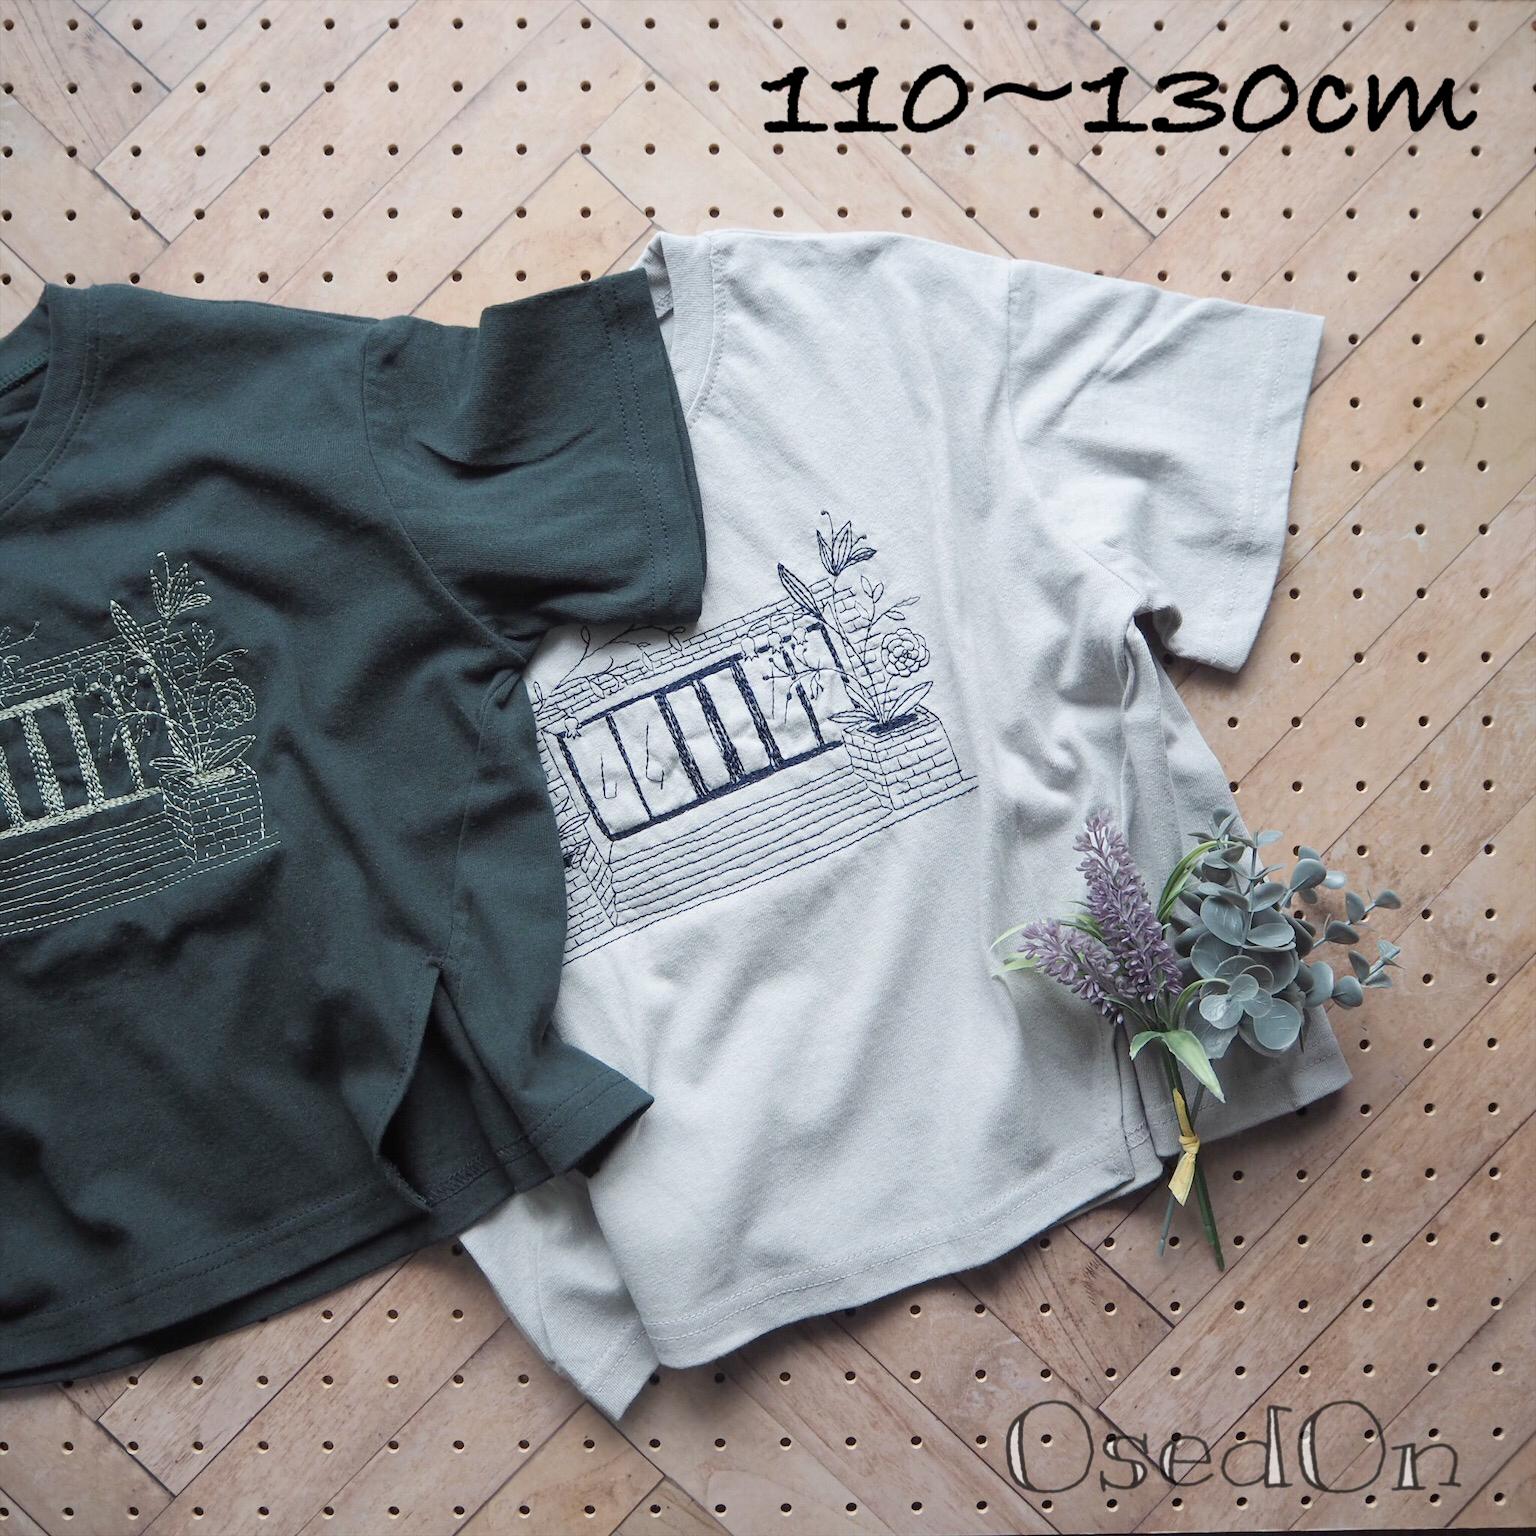 みんなが着るTシャツは刺繍で差をつける!Broadly Tシャツ キッズサイズ